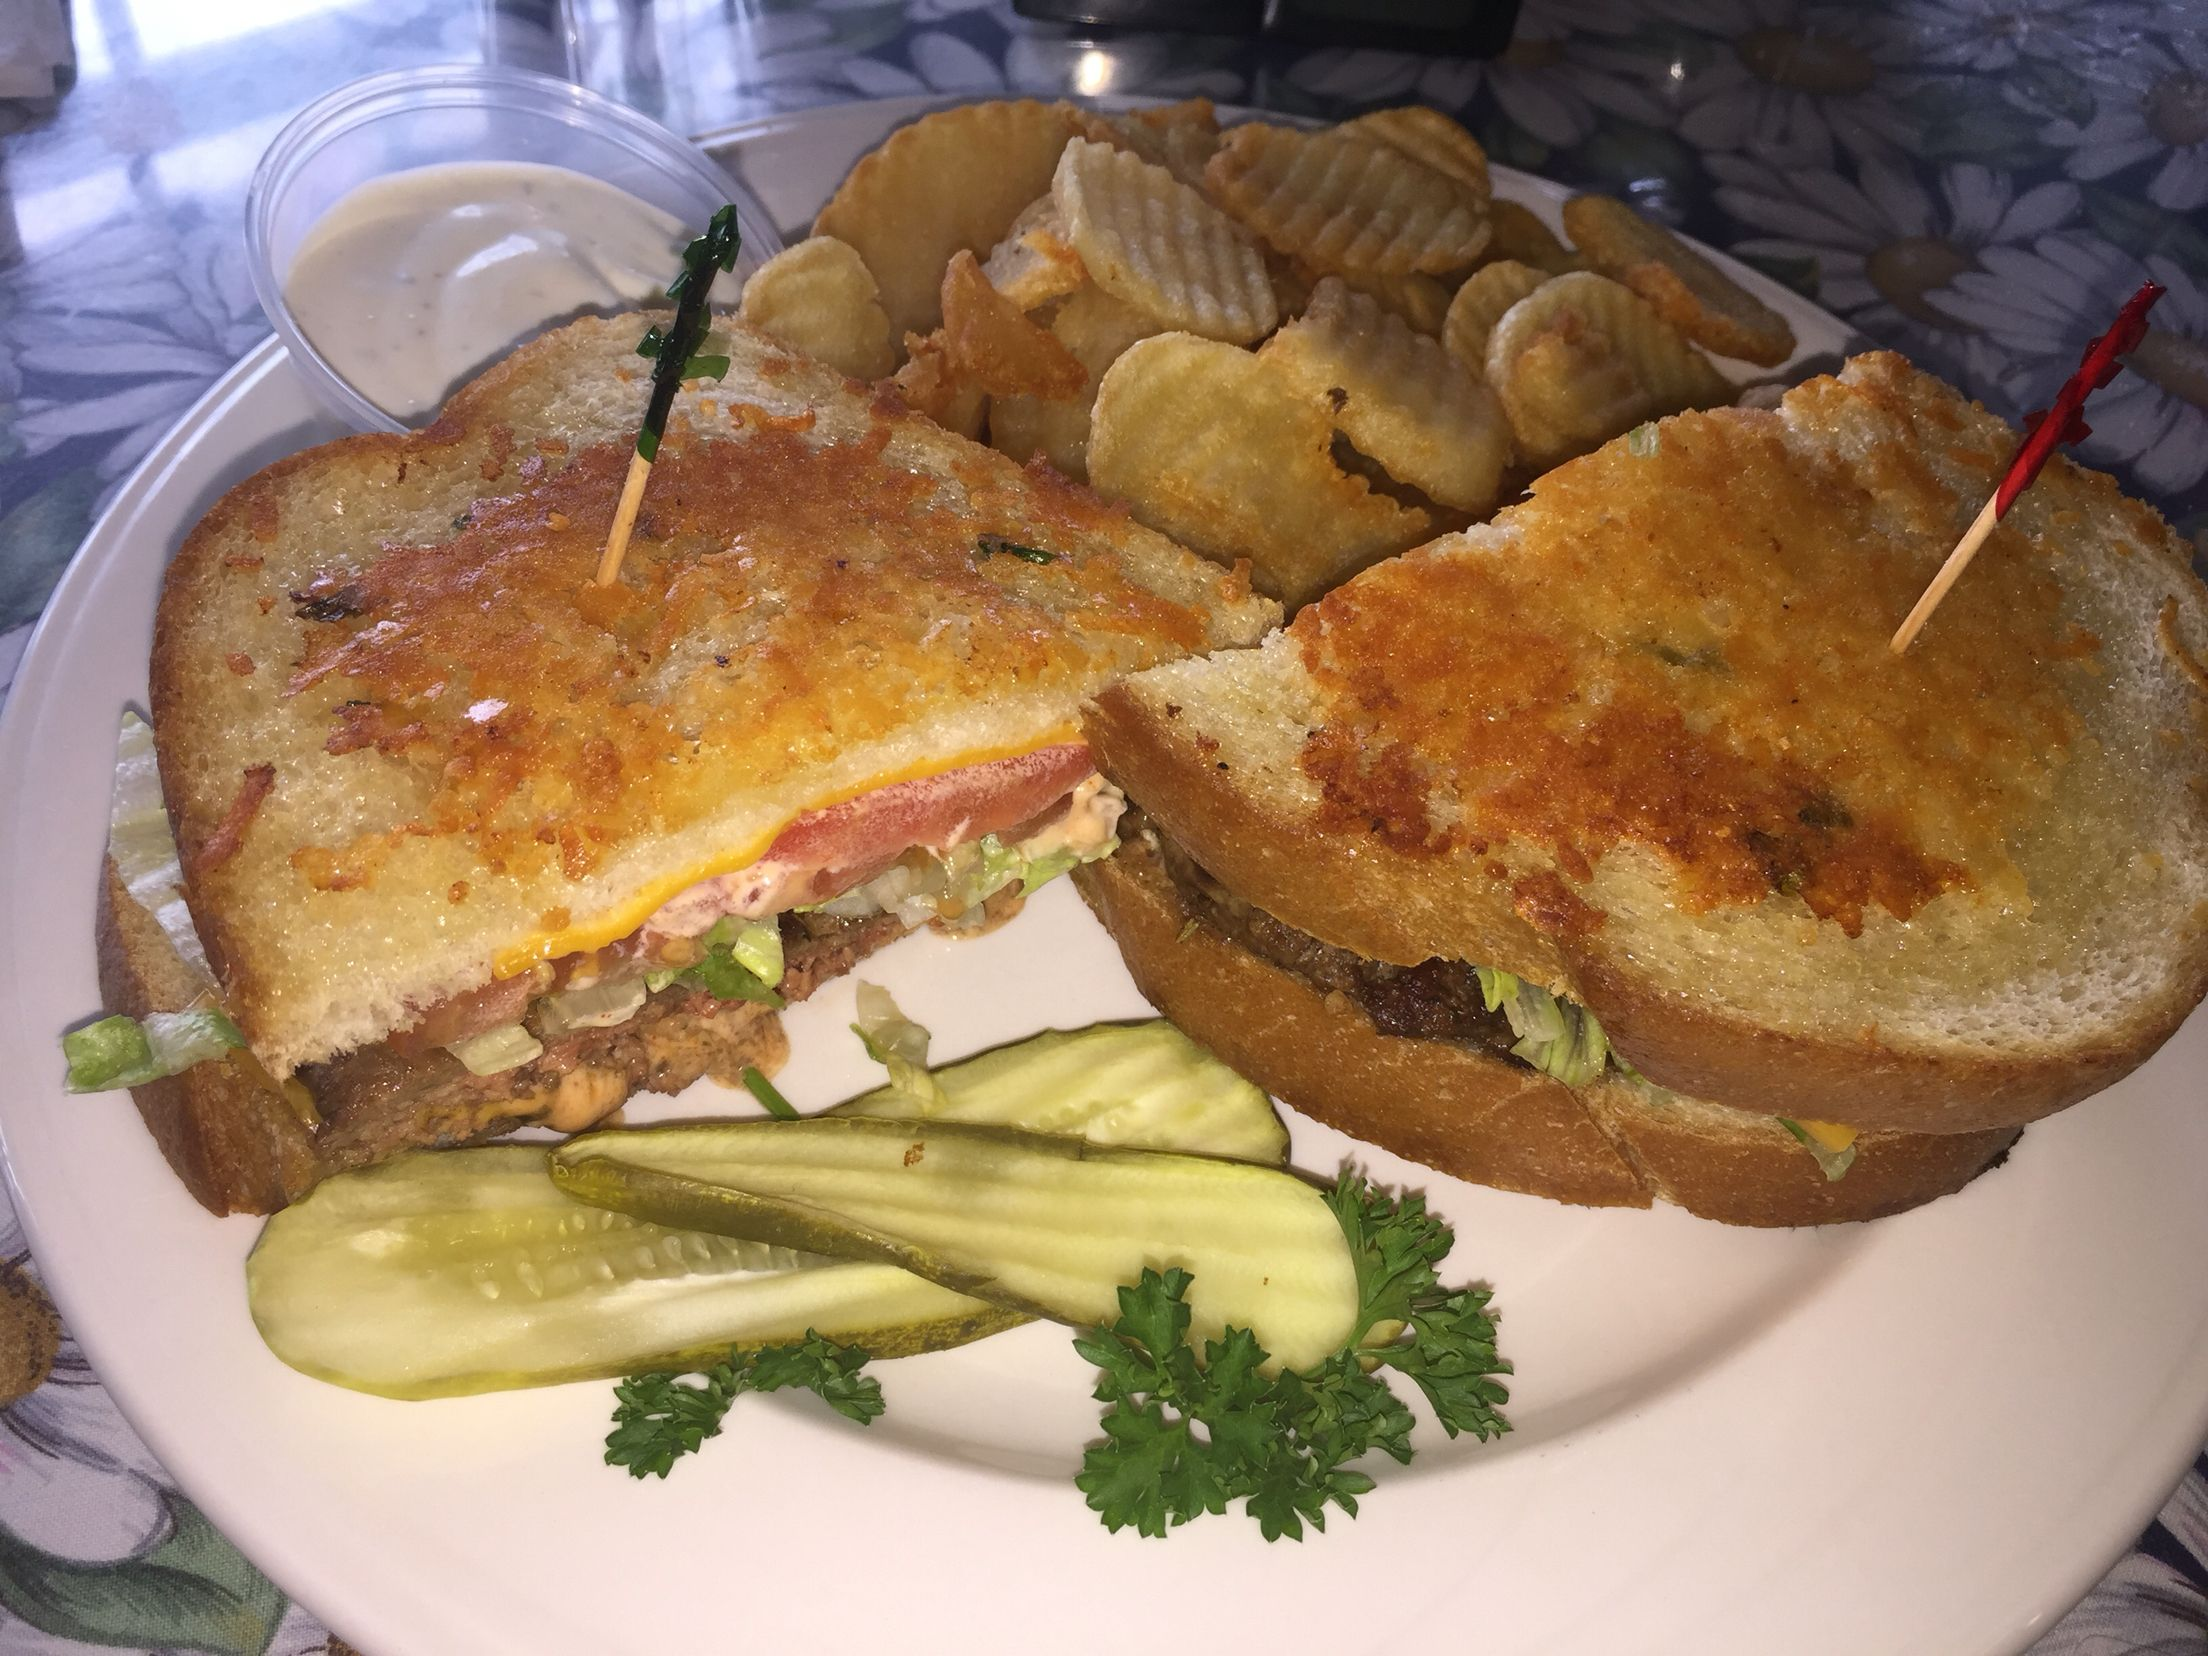 Wilmau0027s Patio, Balboa Island, Newport Beach, C/ Sourdough Burger